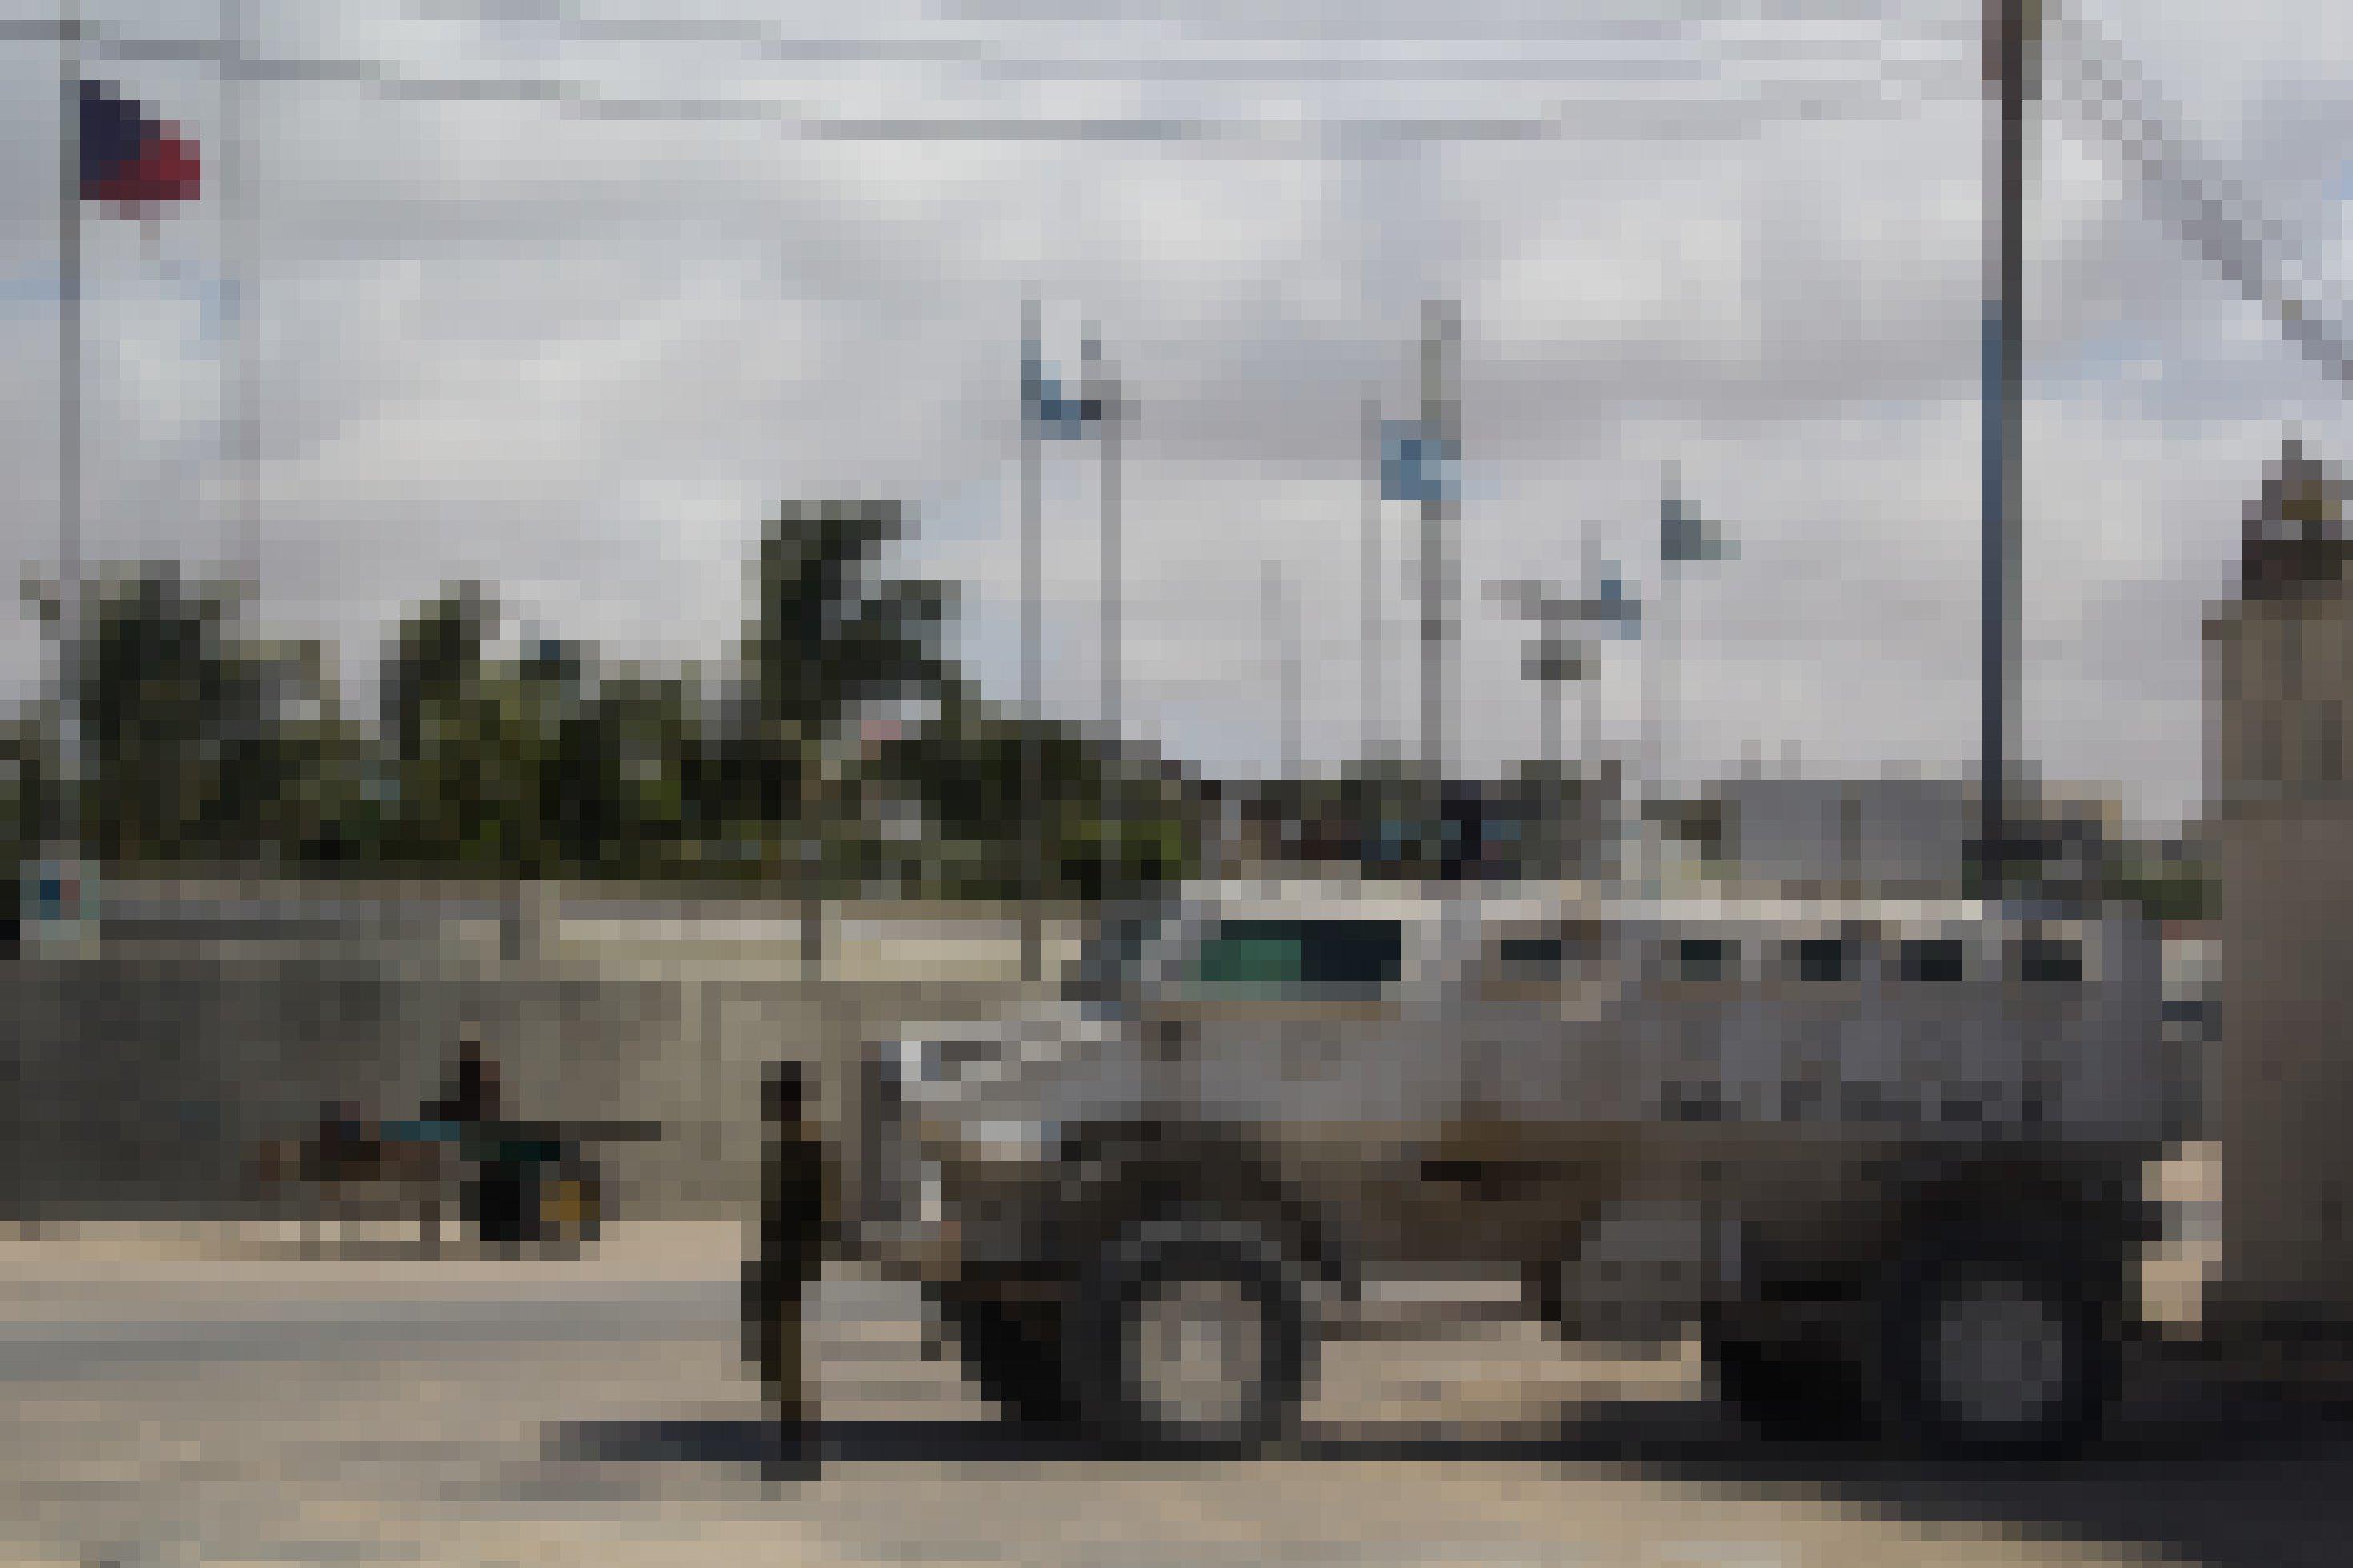 Ein weißer Panzer mit der schwarzen Aufschrift AU auf einem Platz in Mogadishu. Ein Mensch mit Eselskarren fährt vorbei, außerdem steht ein Soldat schräg vor dem Panzer.